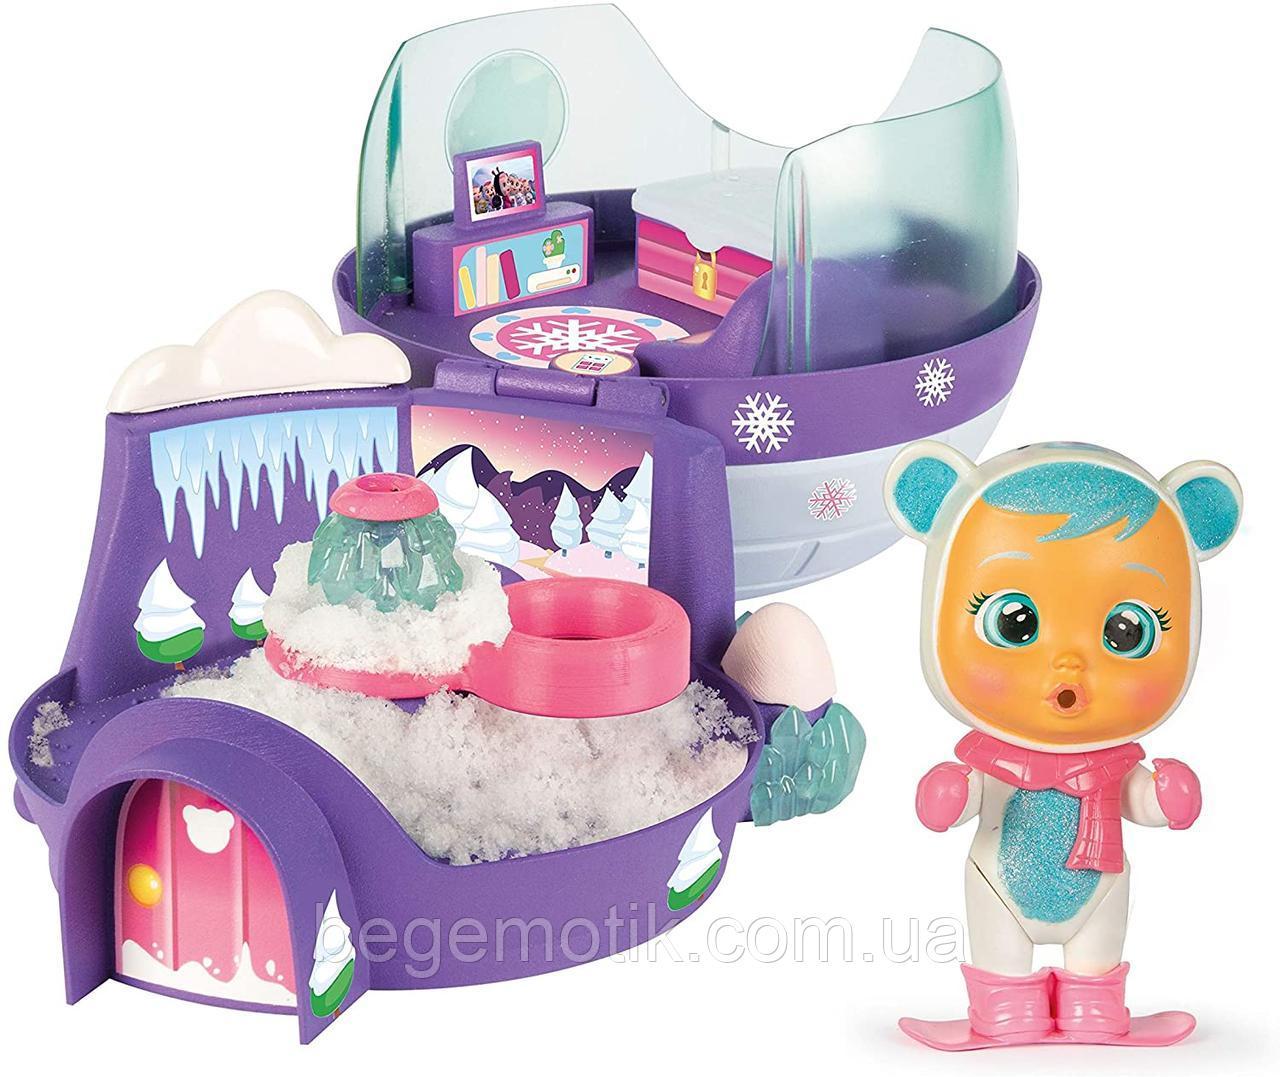 Cry Babies Игровой набор Плачущий младенец Кристал с домиком Иглу IMC Toys Iglu House with Crystal 90934